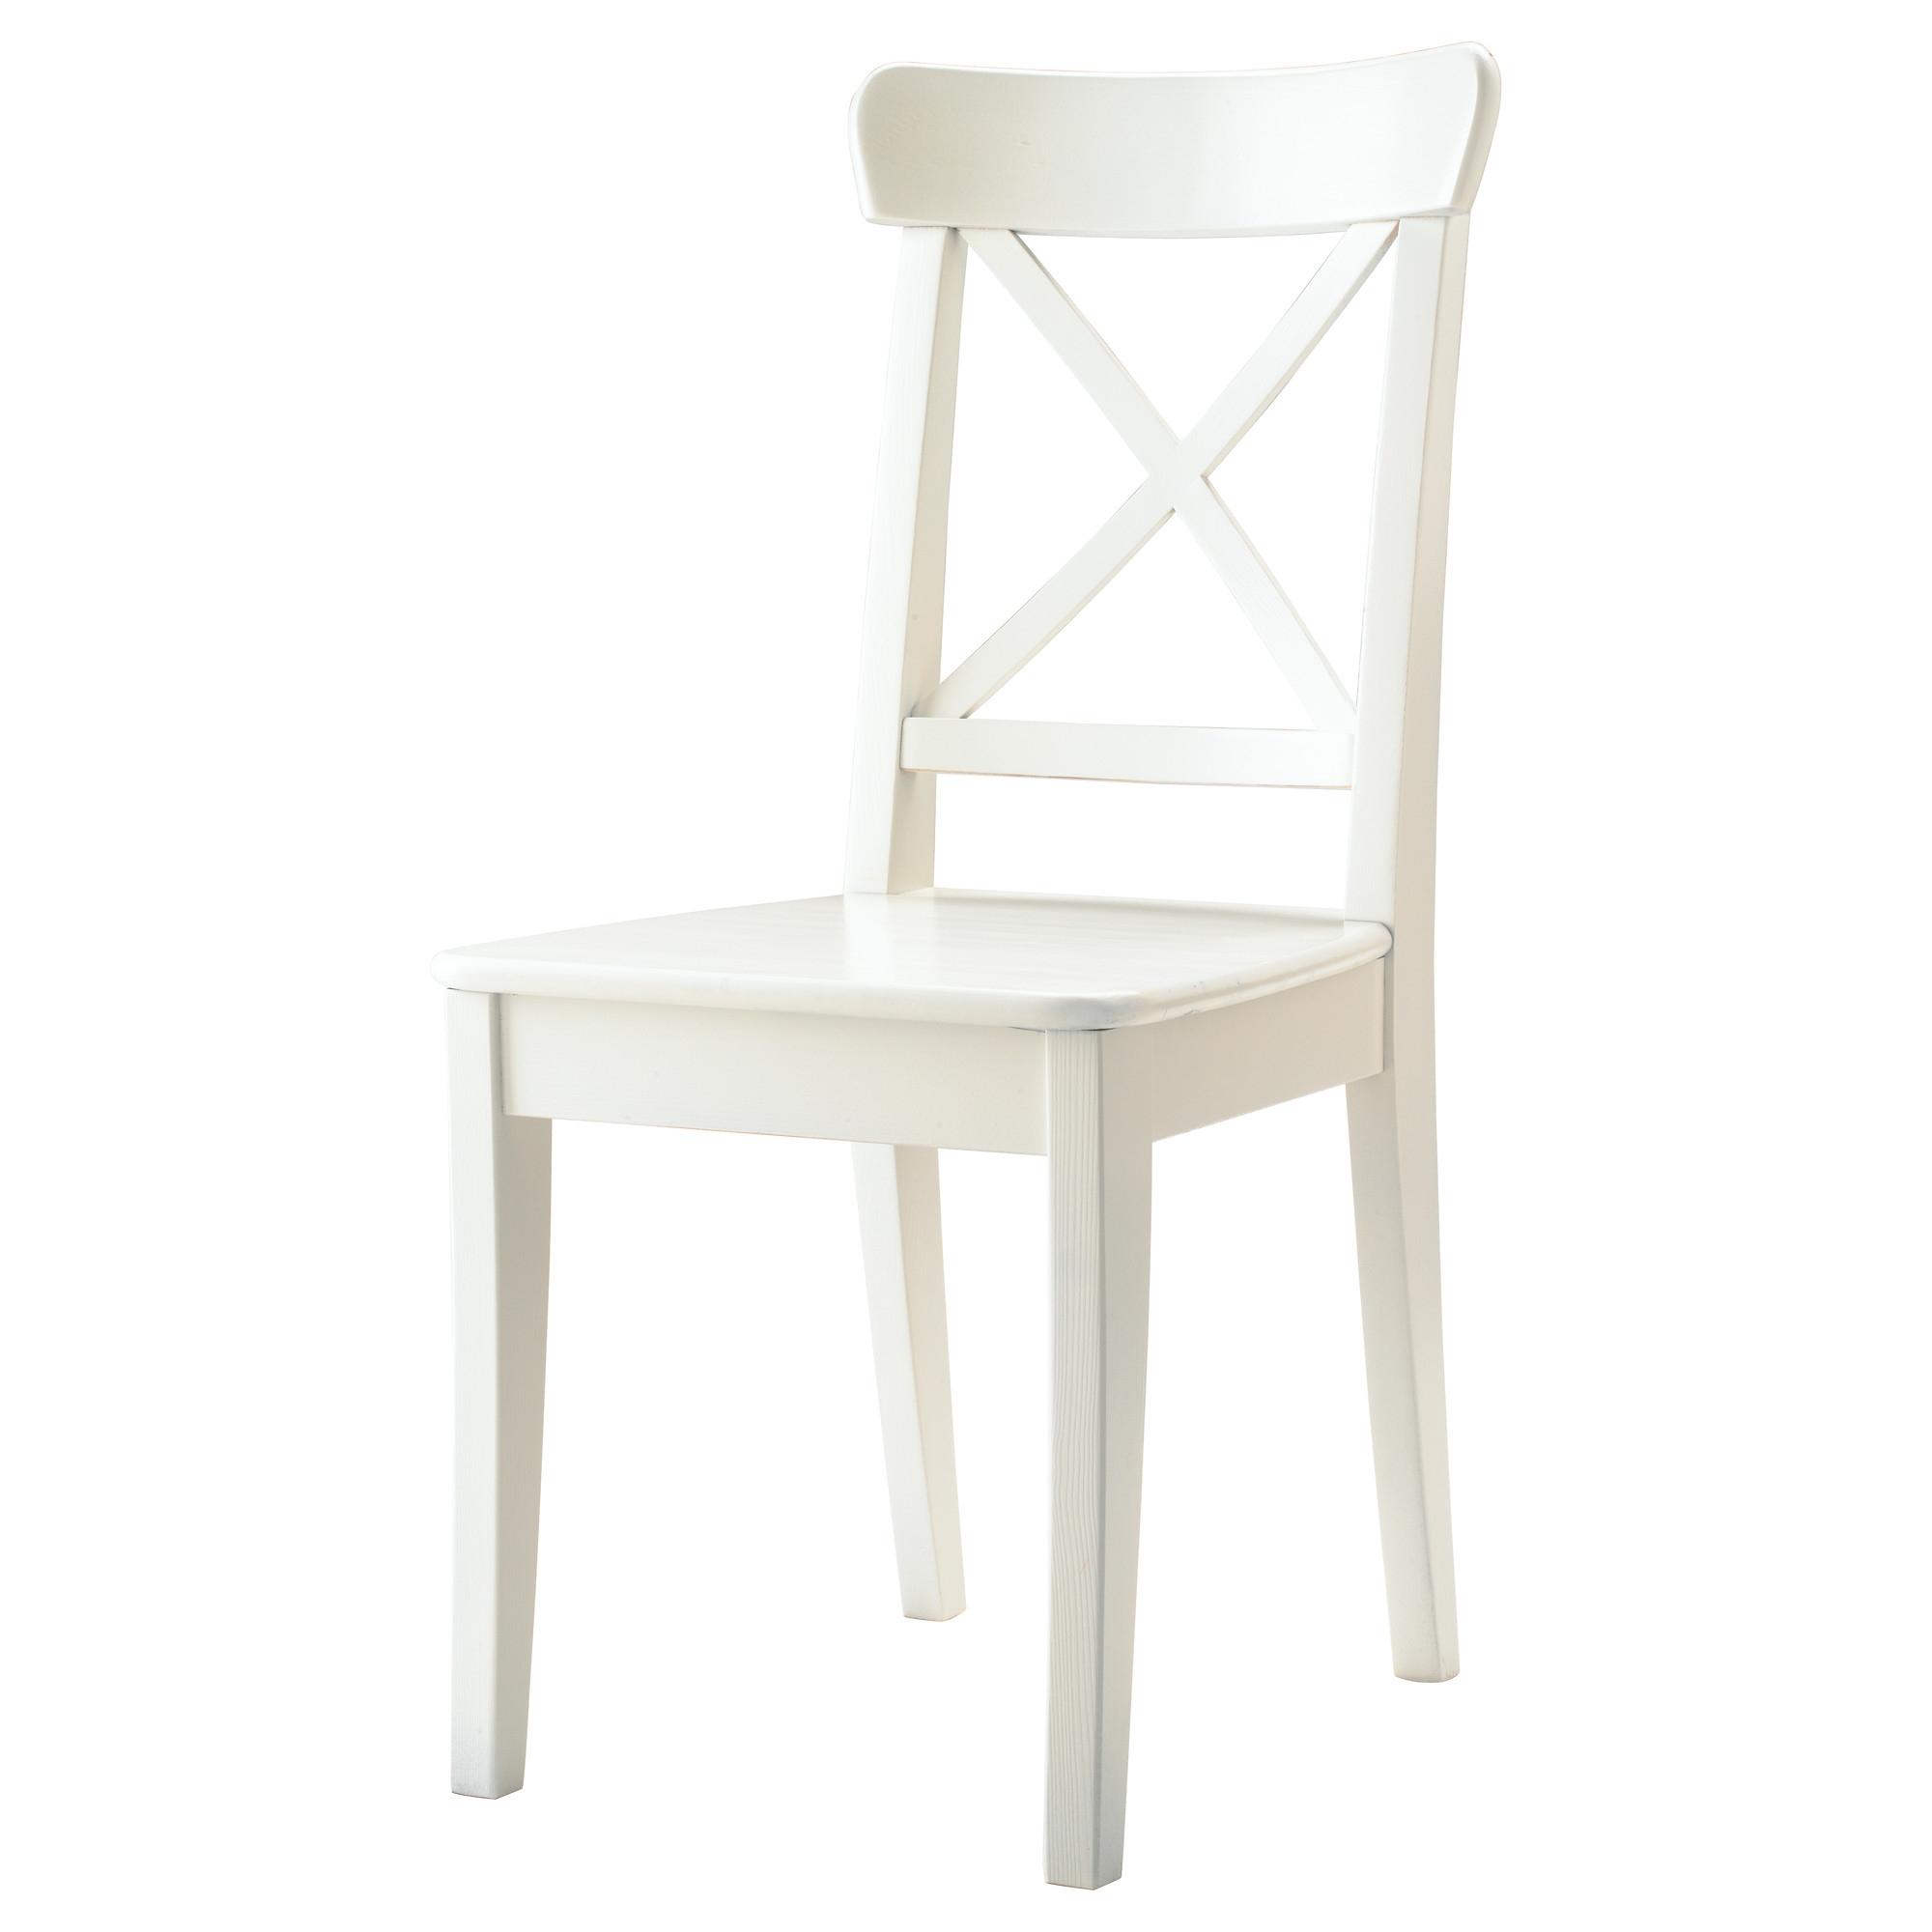 Ingolf silla - Ikea sillas ninos ...